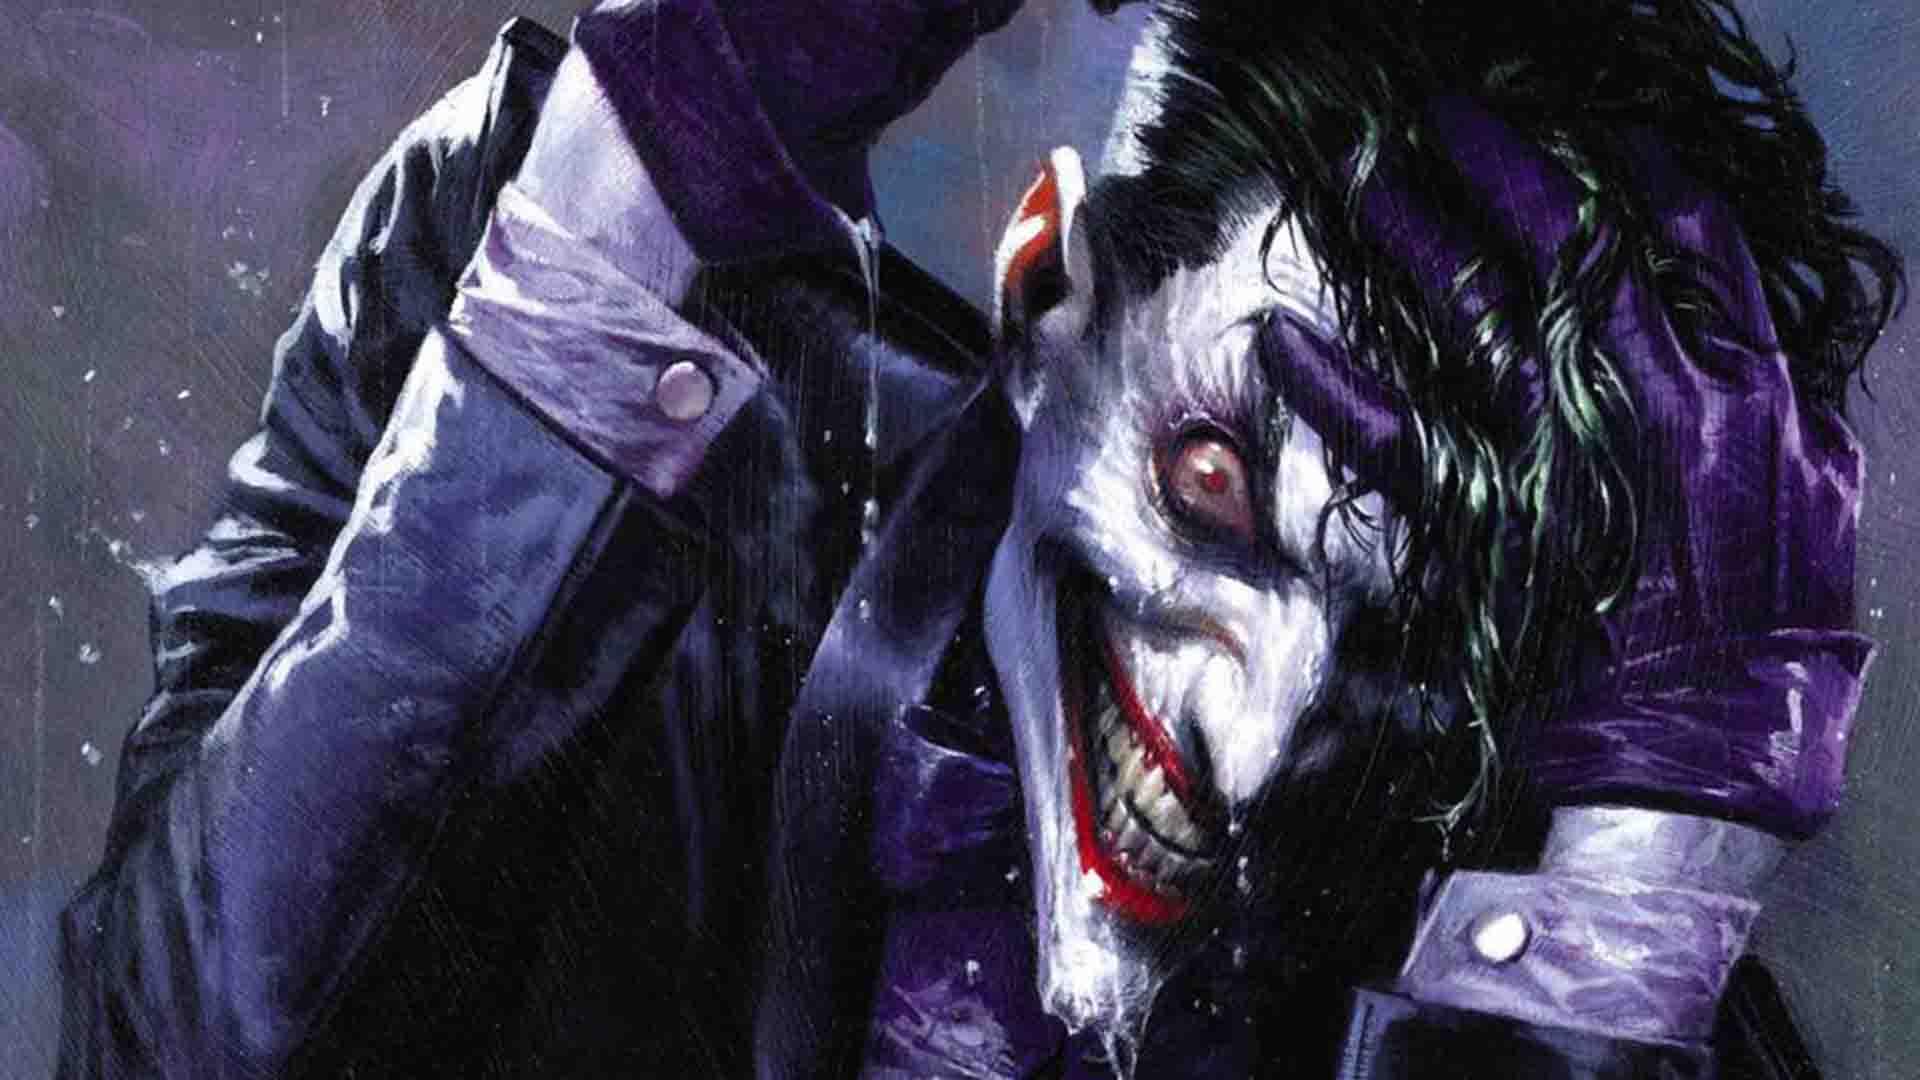 دی سی نسخه جدیدی از جوکر را در مینی سری Batman/Catwoman معرفی کرد